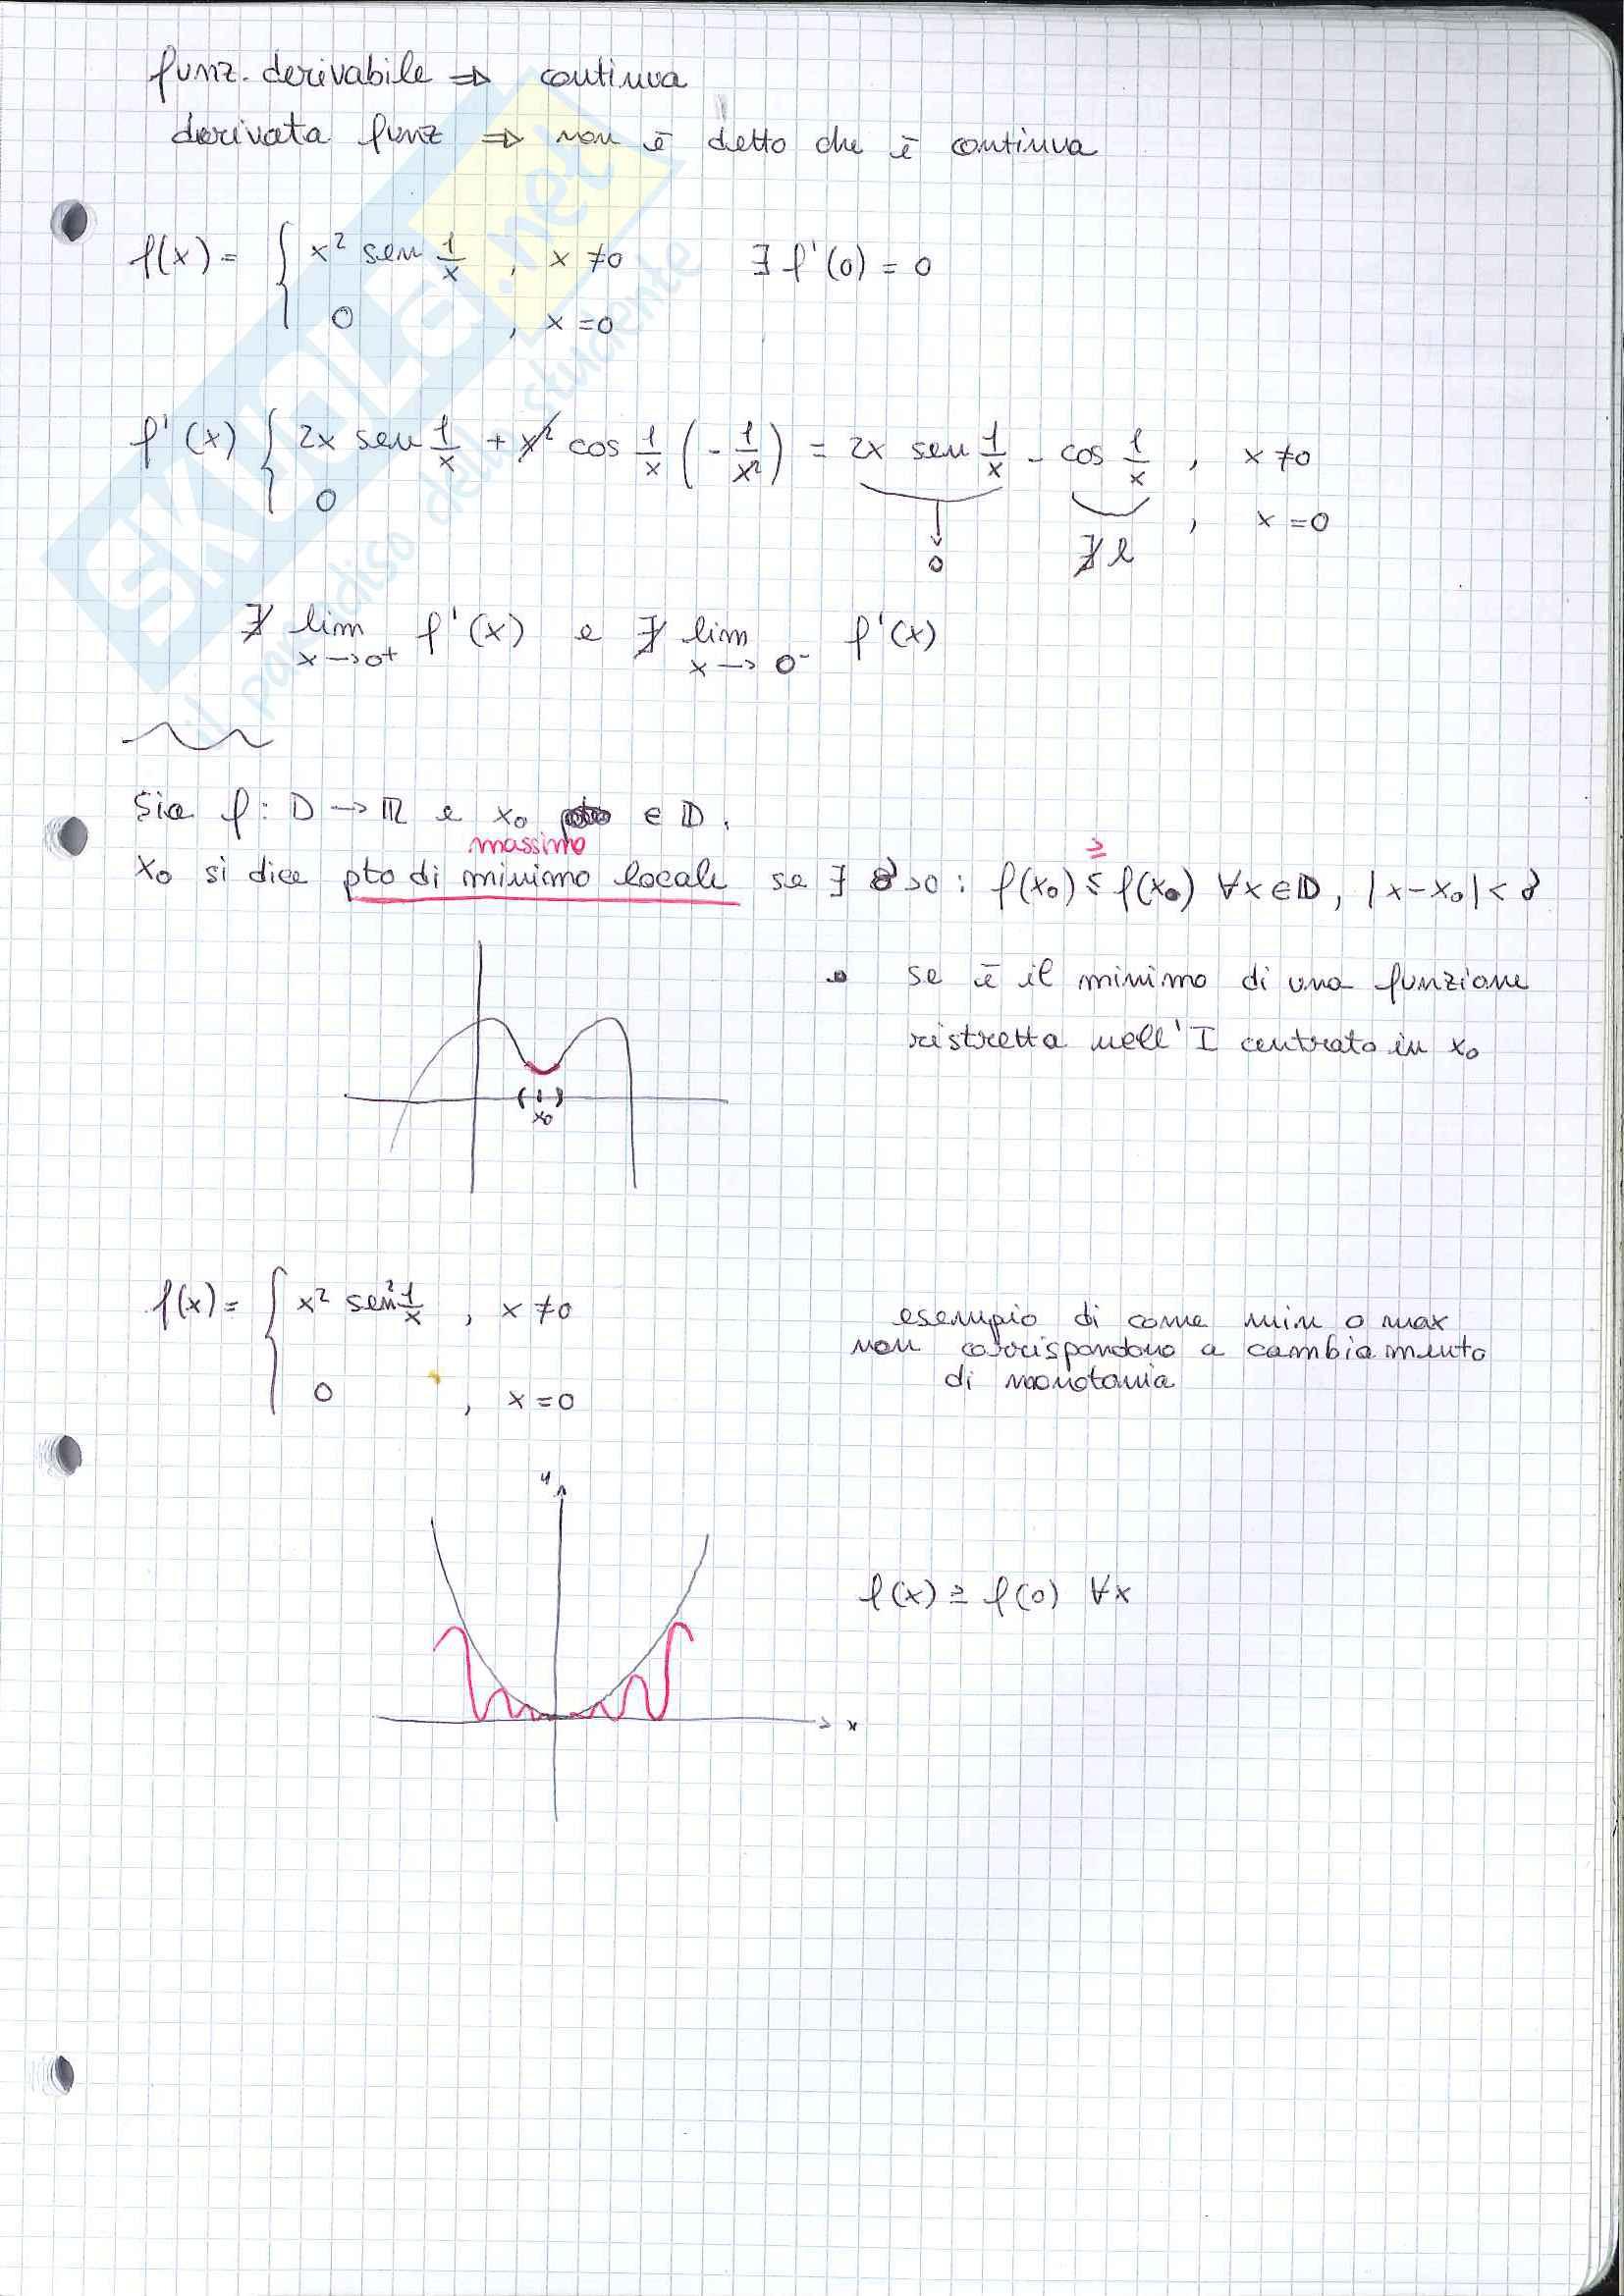 Analisi 1 - appunti seconda parte del programma